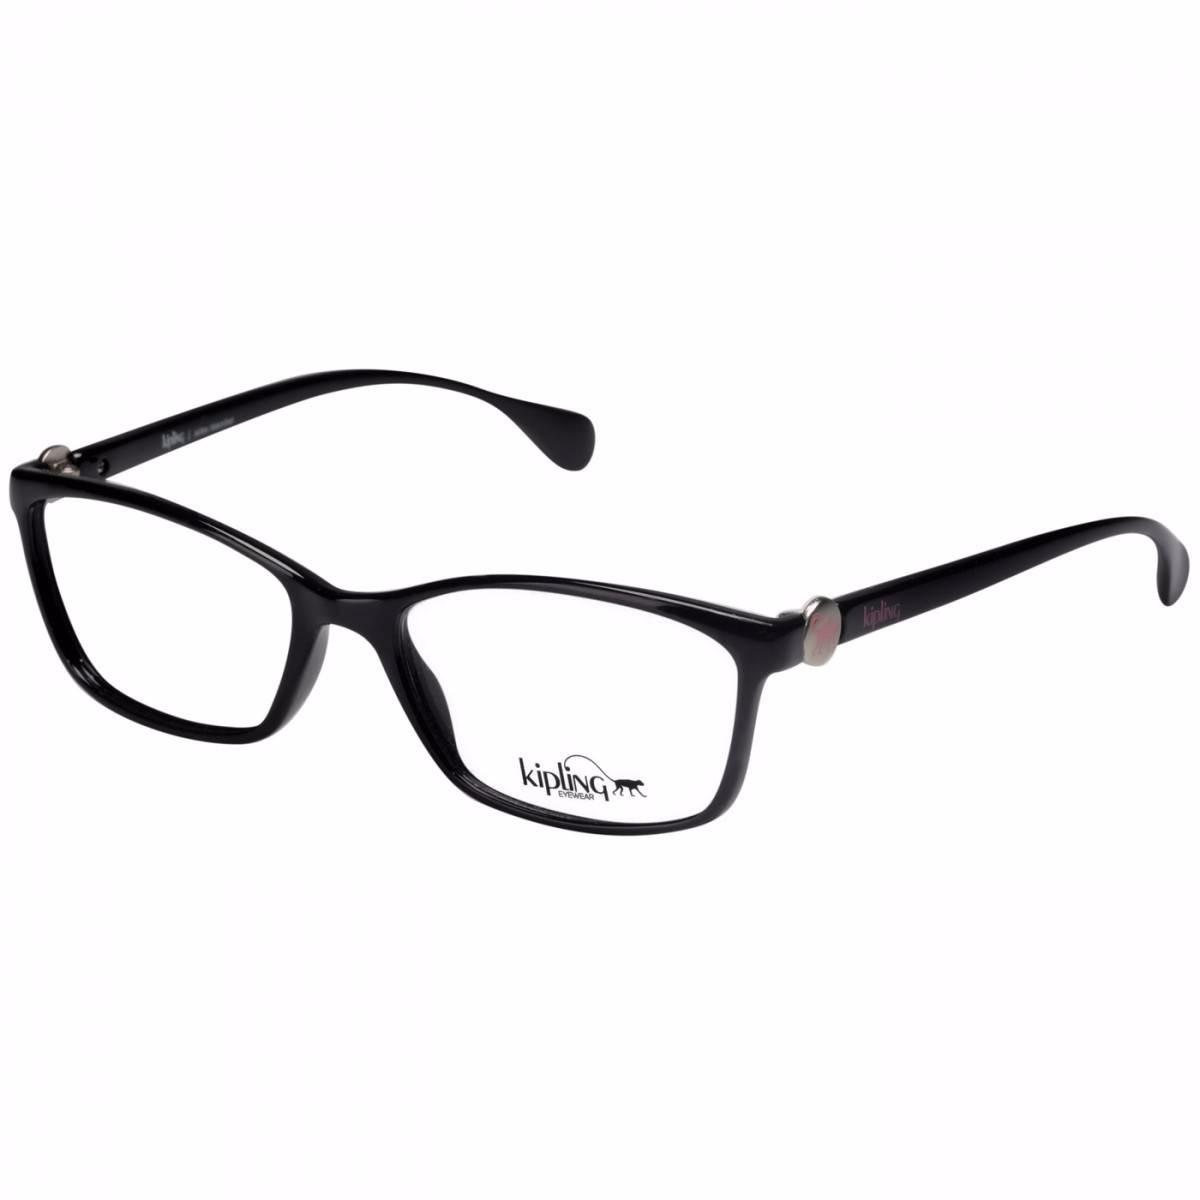 Armação De Óculos Kipling Kp3060 D133 51 - R  342,00 em Mercado Livre 9afa924e6e